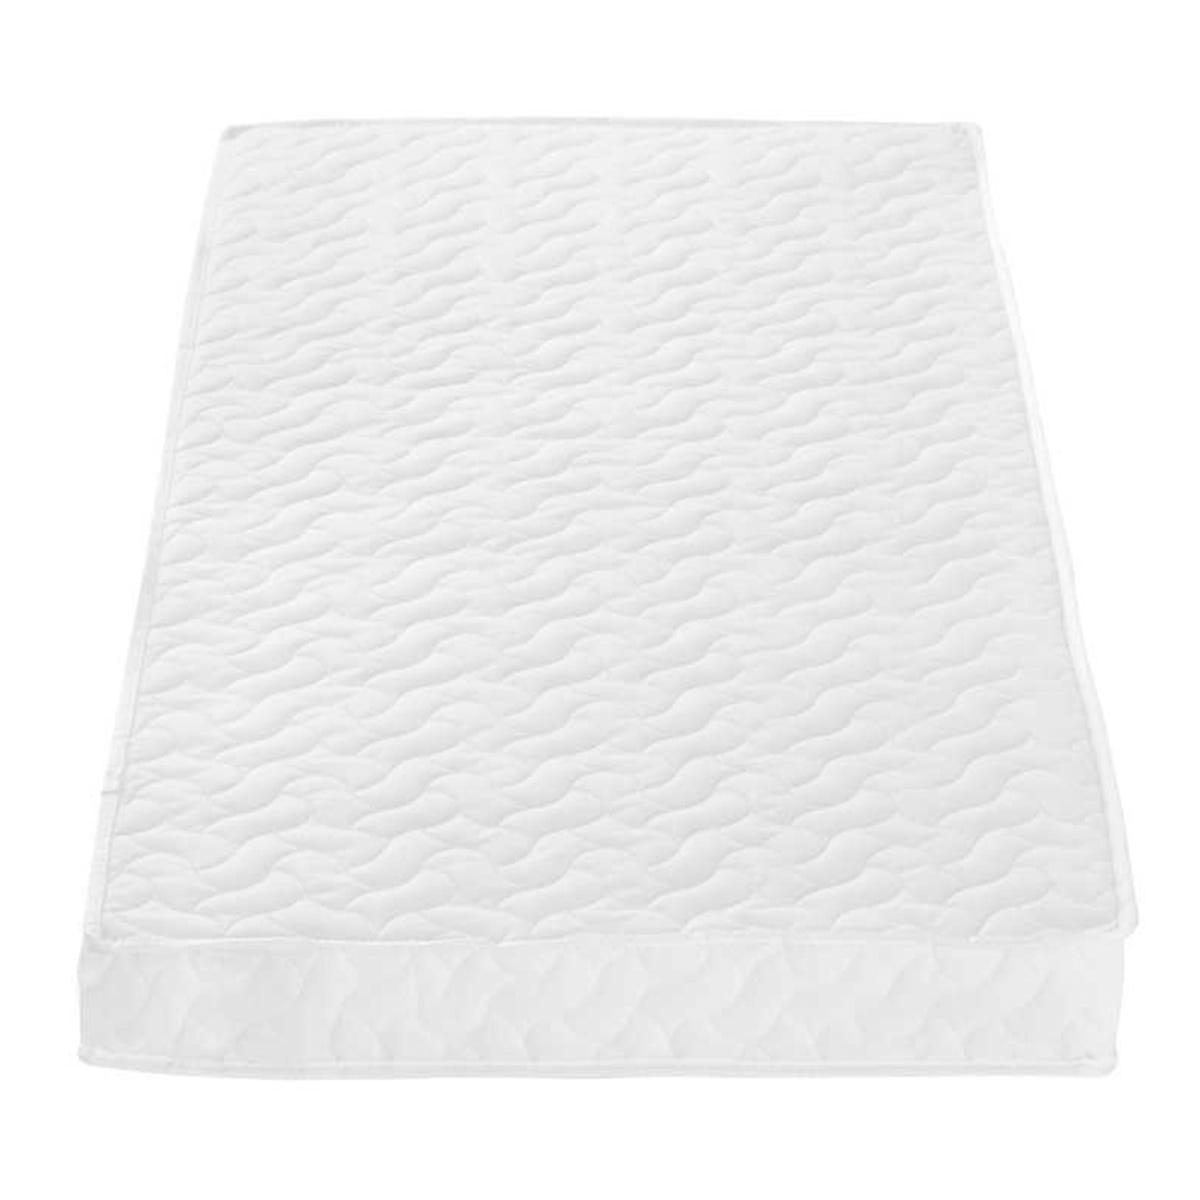 Tutti Bambini Pocket Sprung Cot Mattress (60 x 120cm) - White